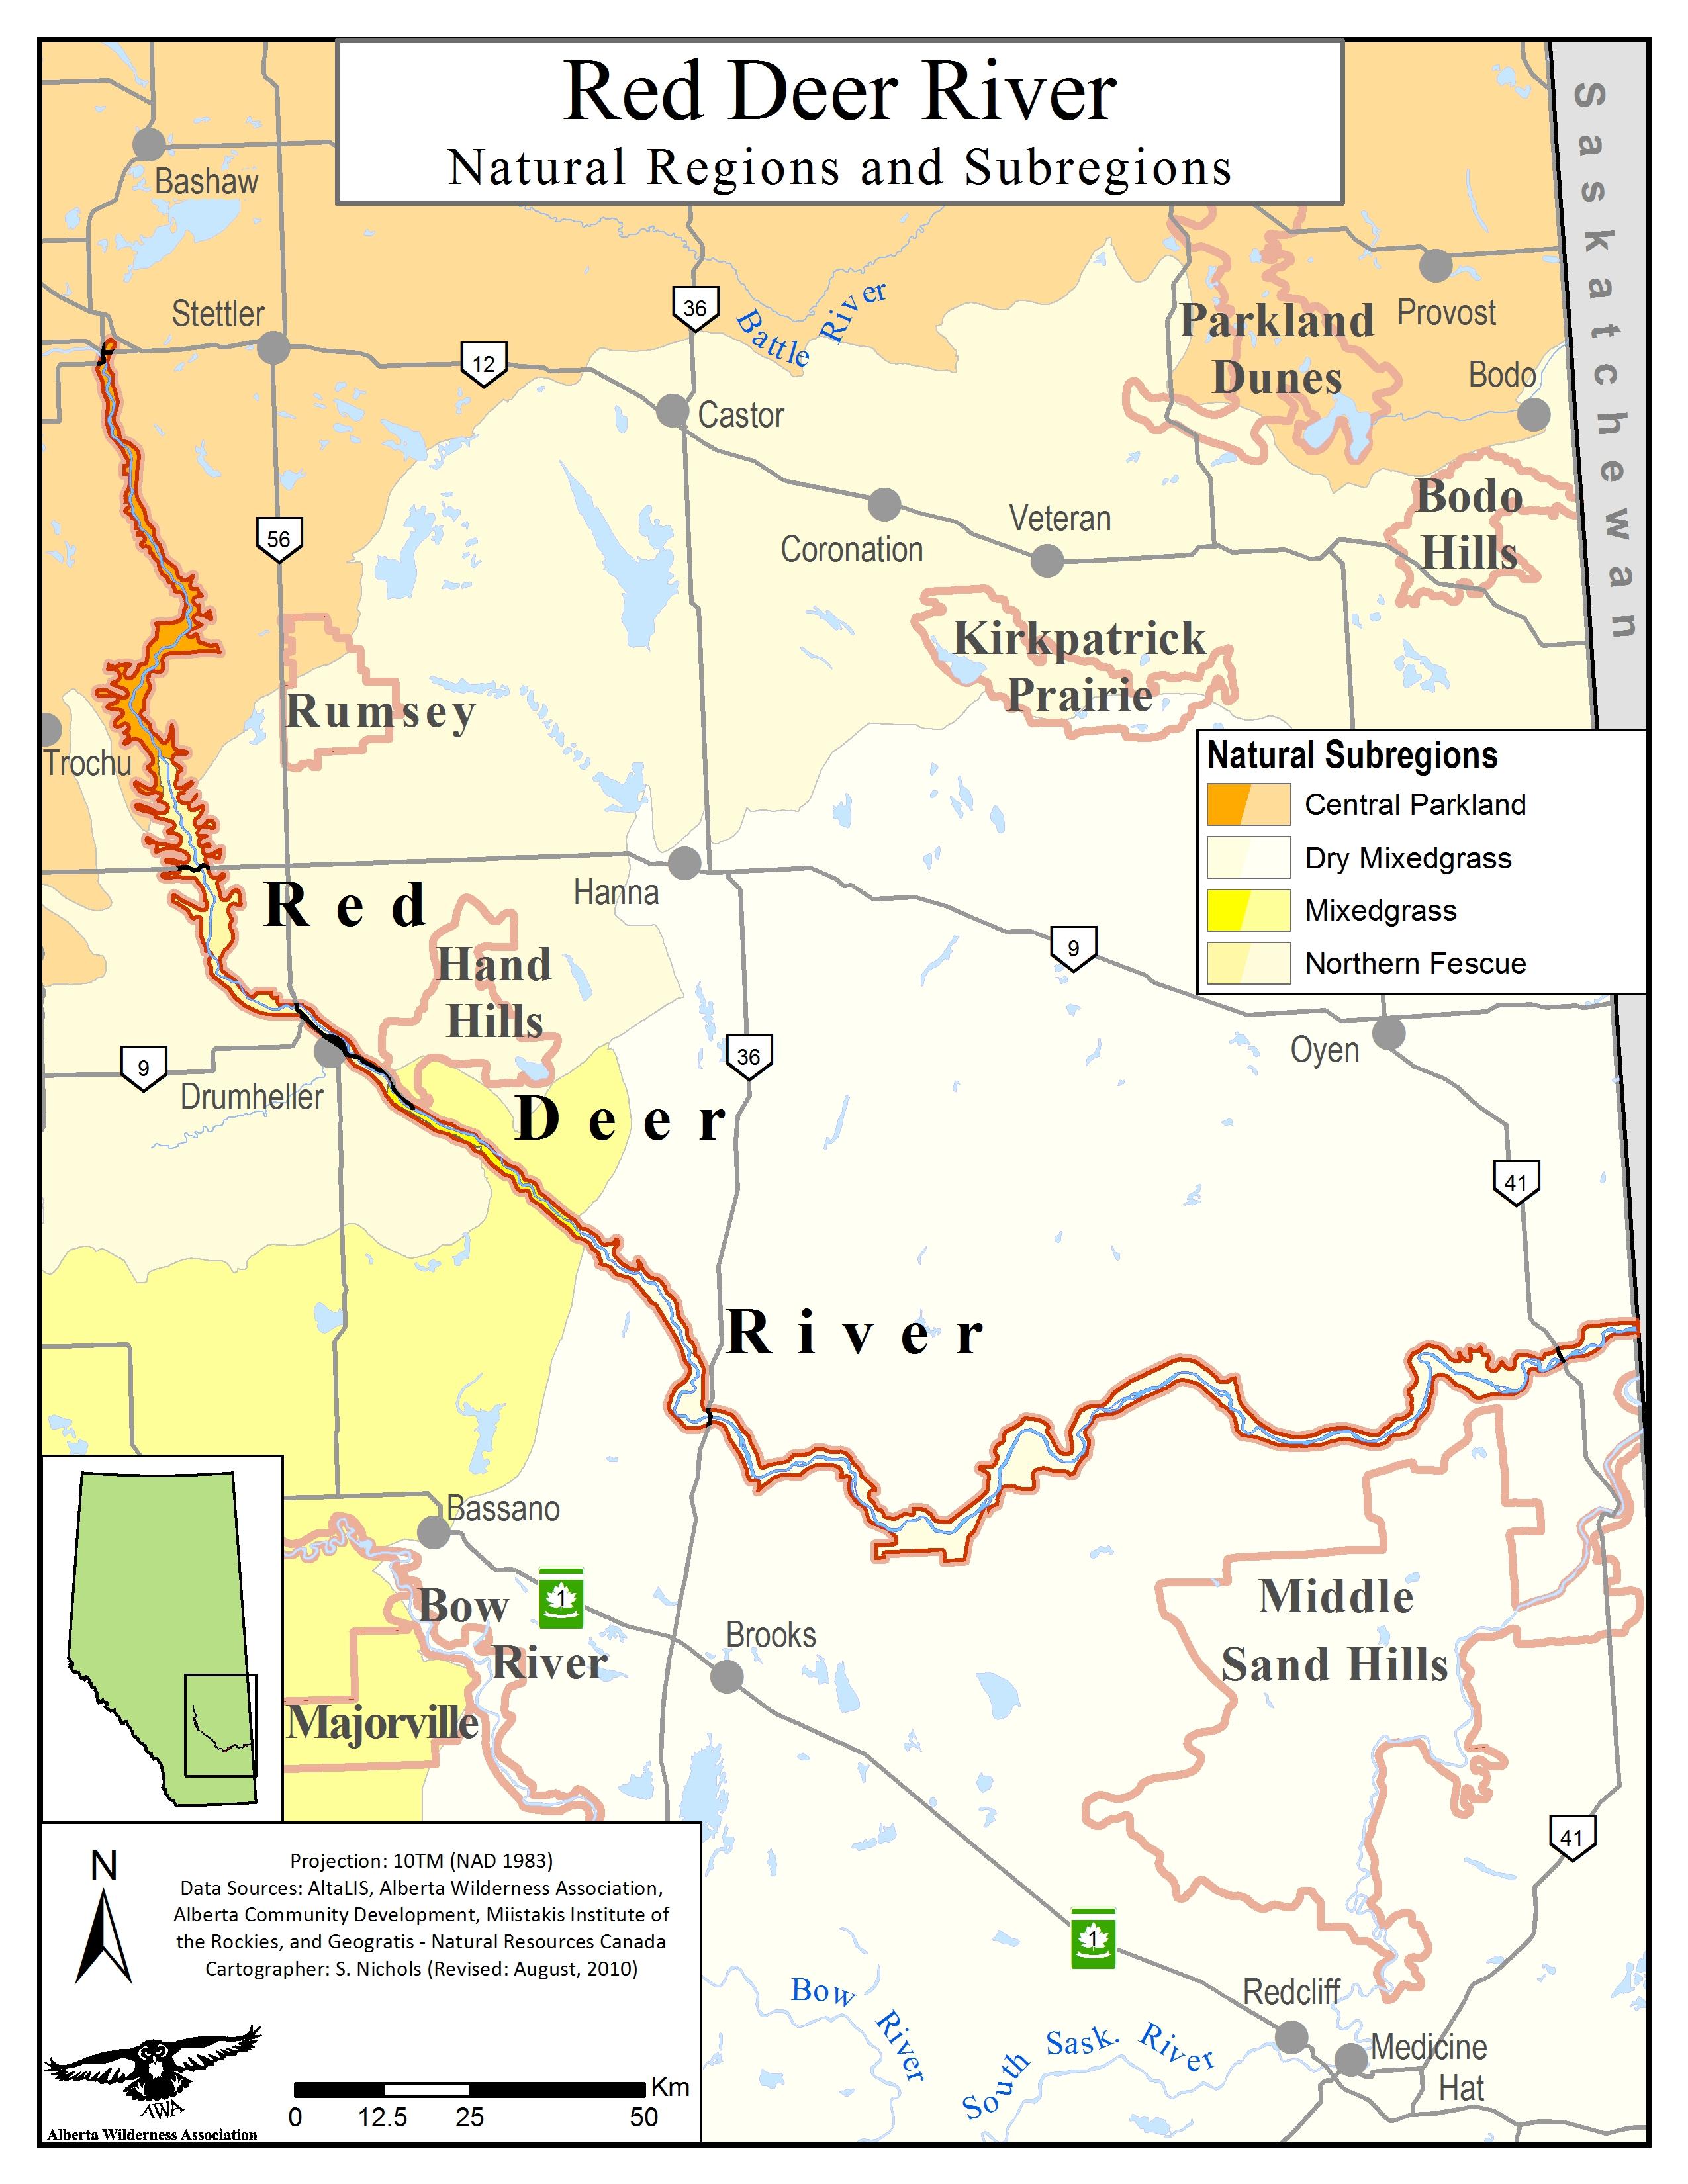 Red Deer River - Alberta Wilderness Association